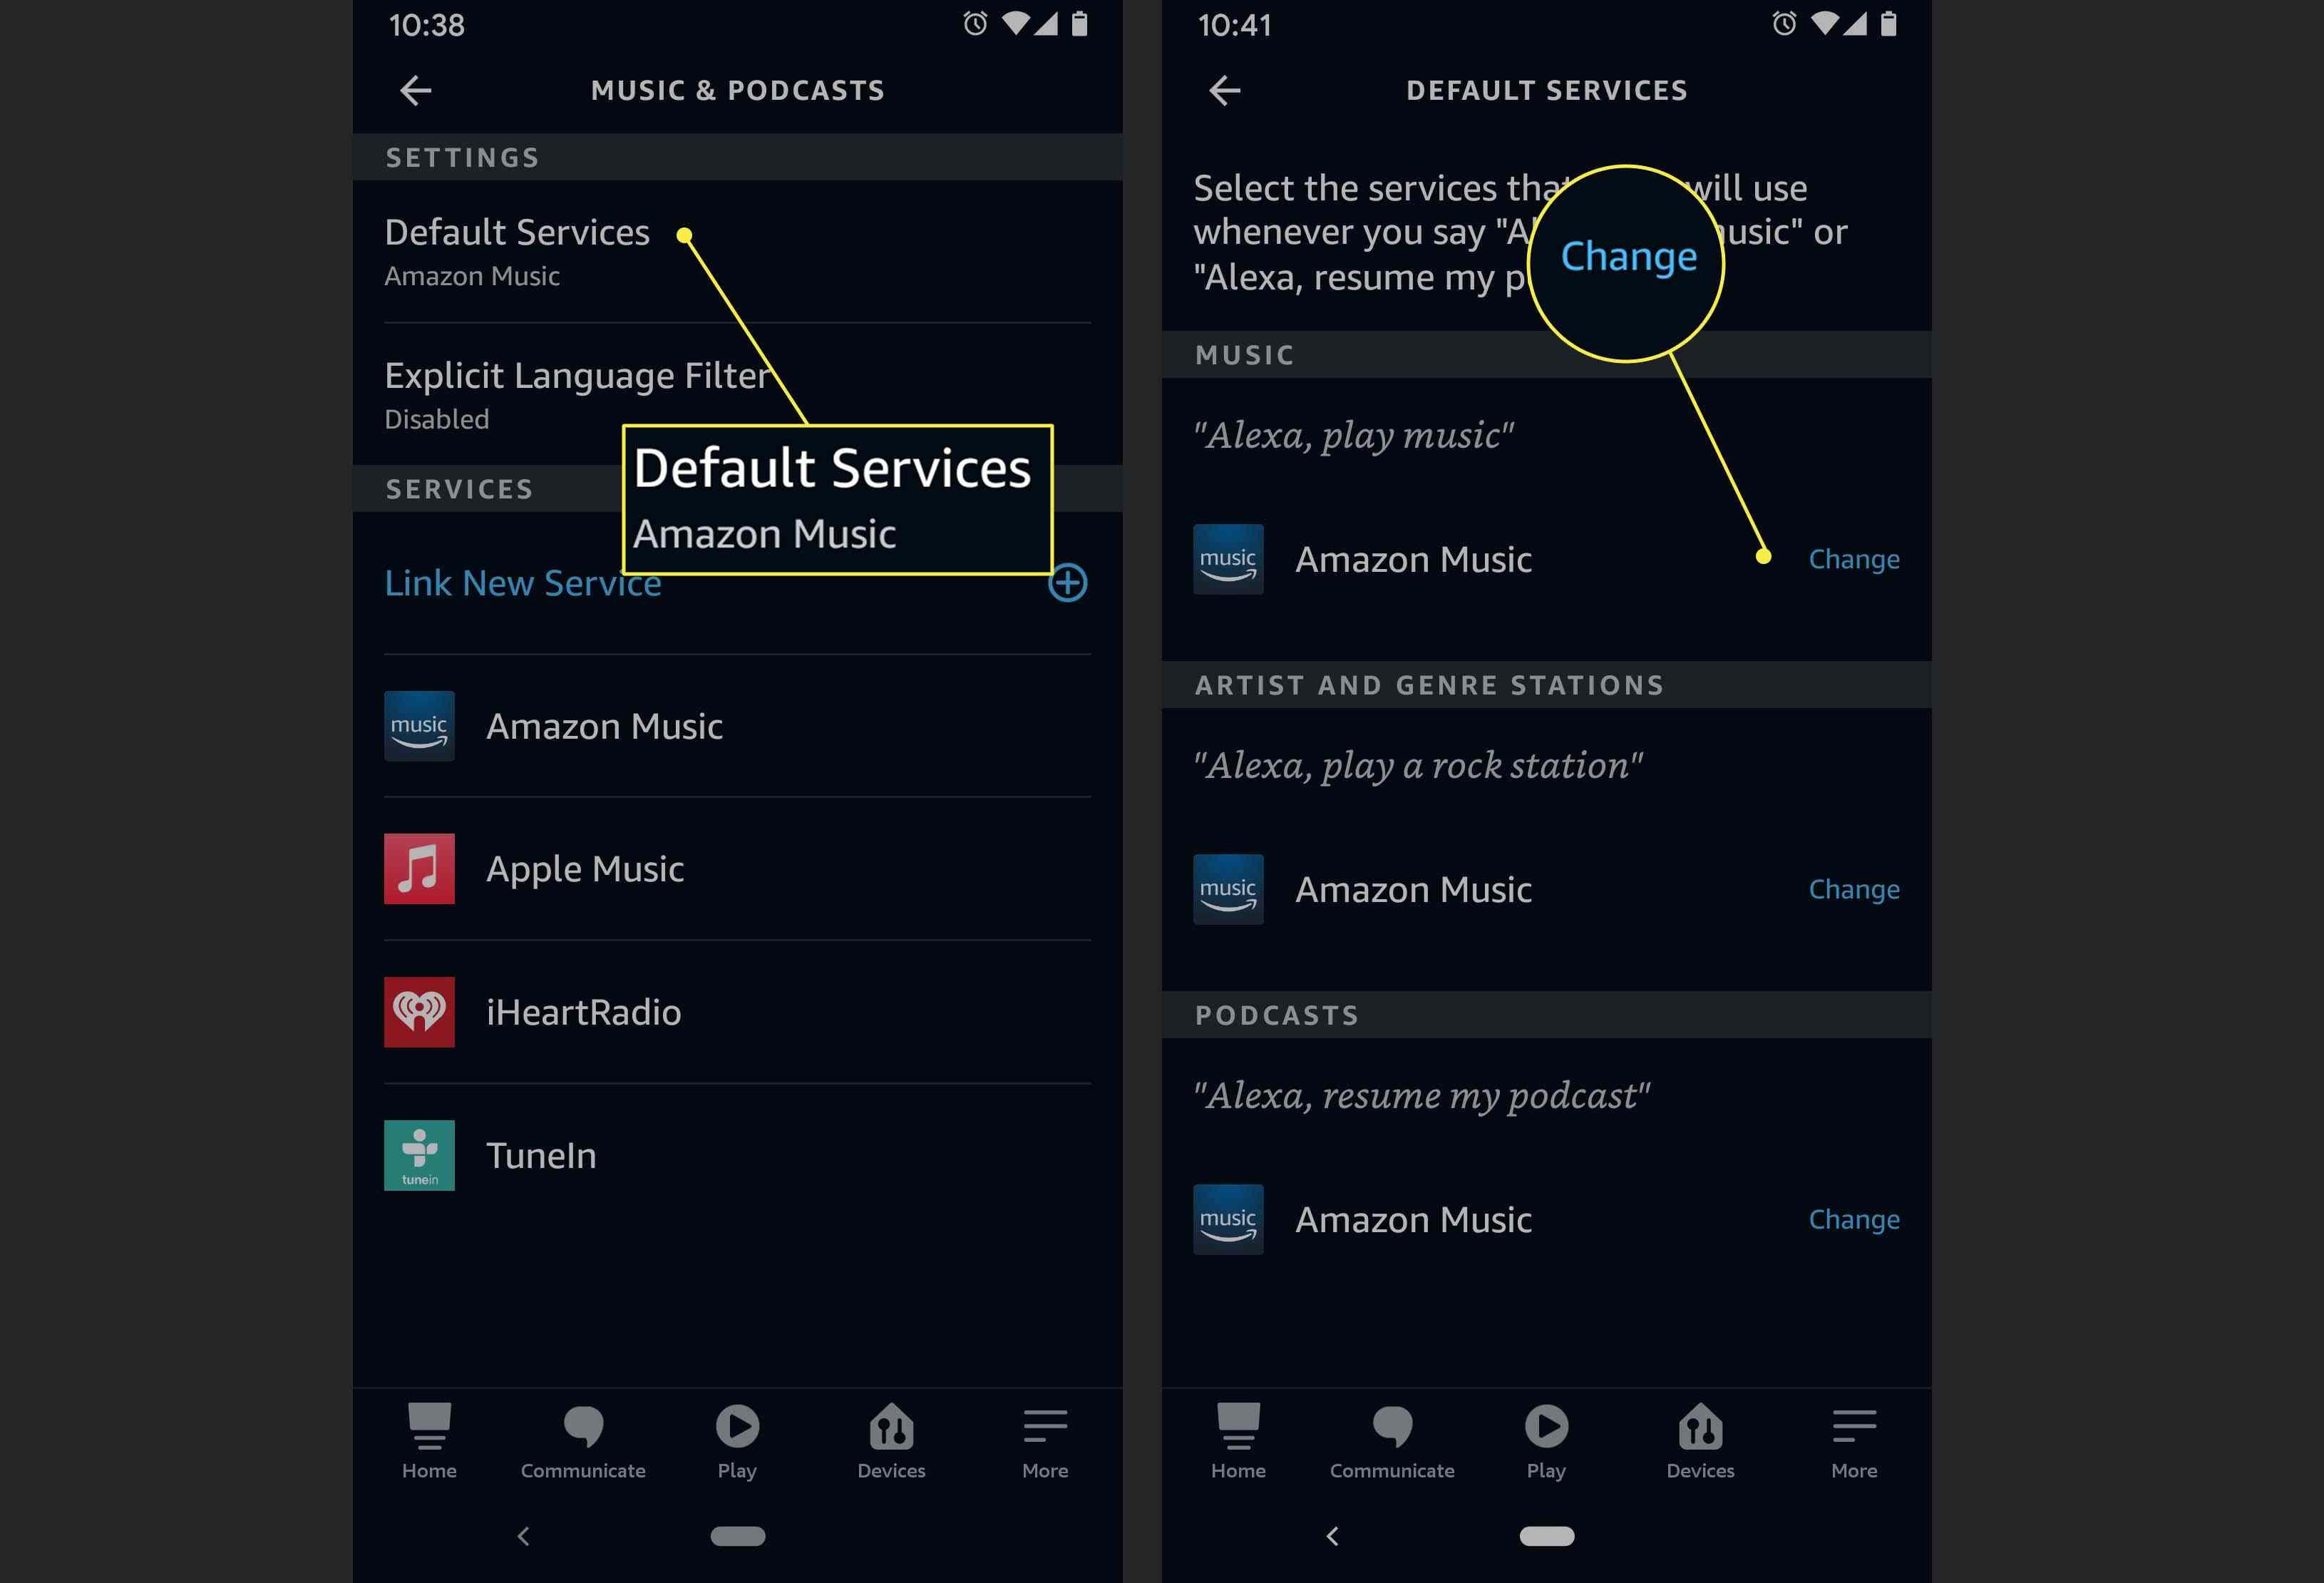 An Alexa app user changes their default music service